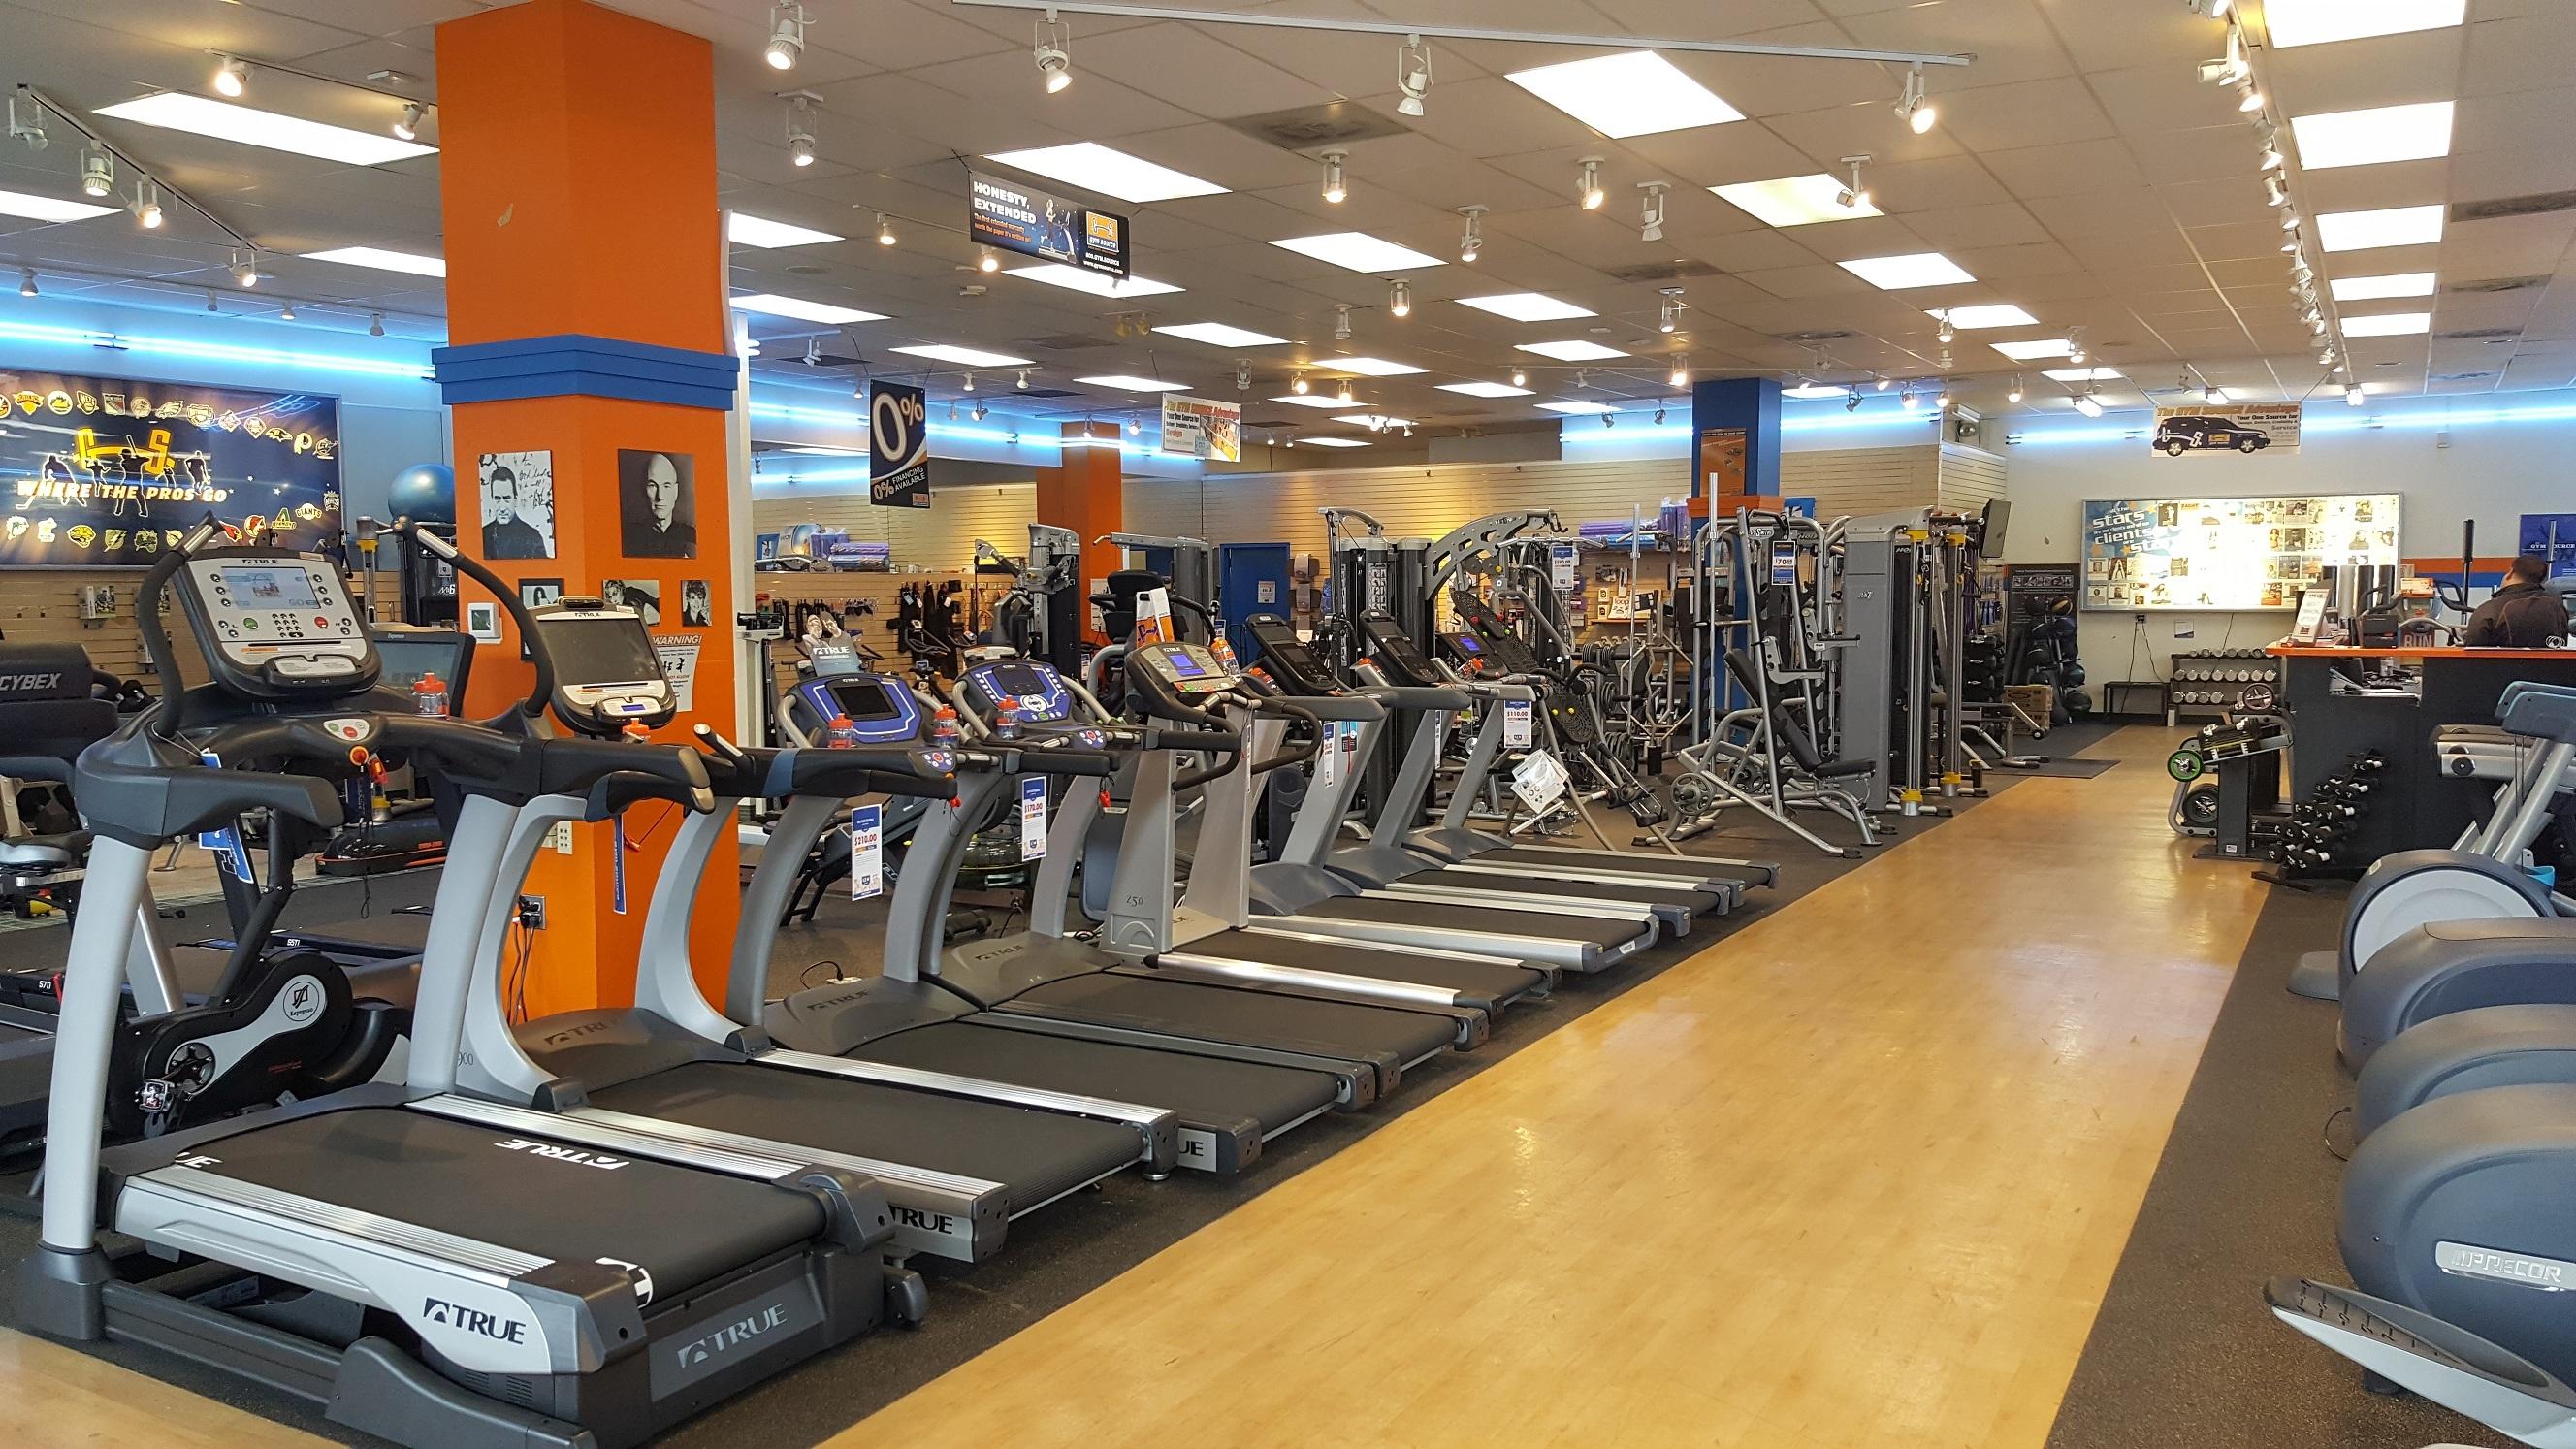 Gym Source image 2